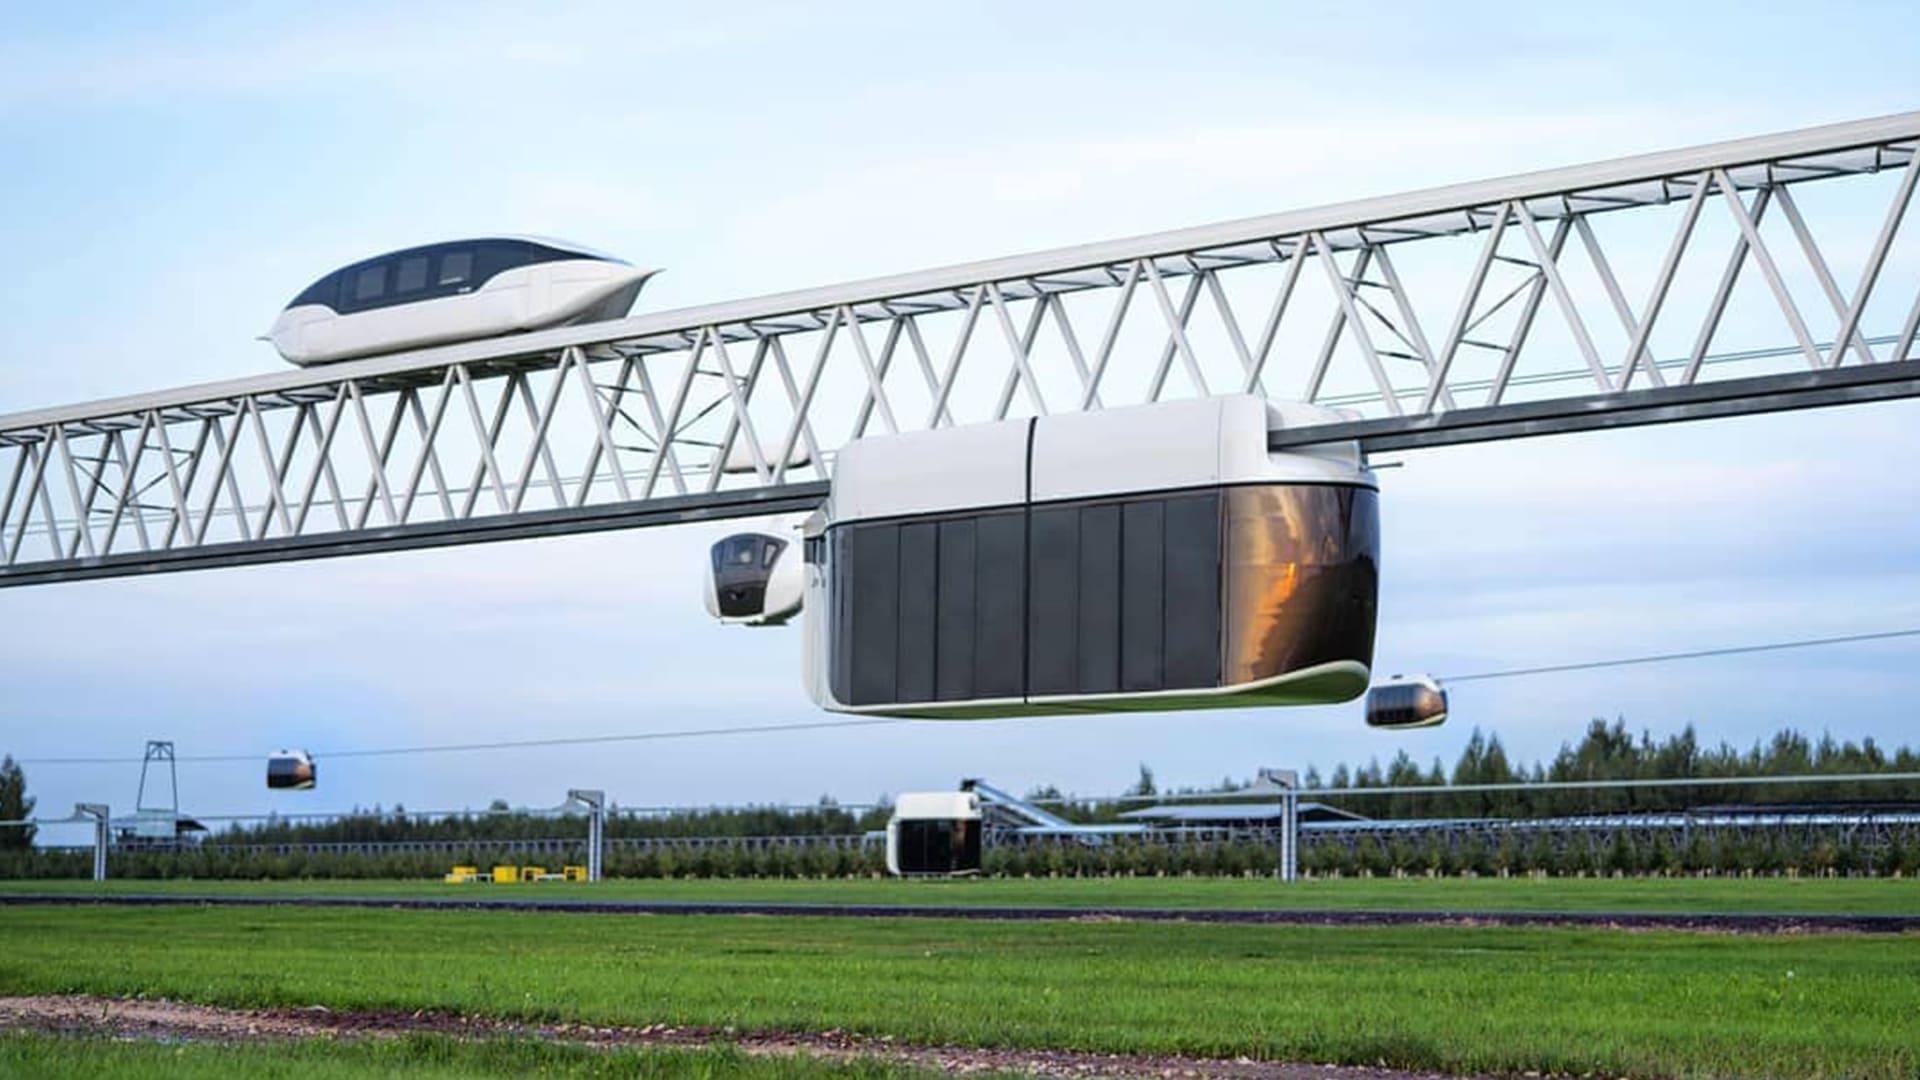 скайвей-транспортная-технология-SkyWay-высокоскоростной-юнибус-юнилет copy (1)